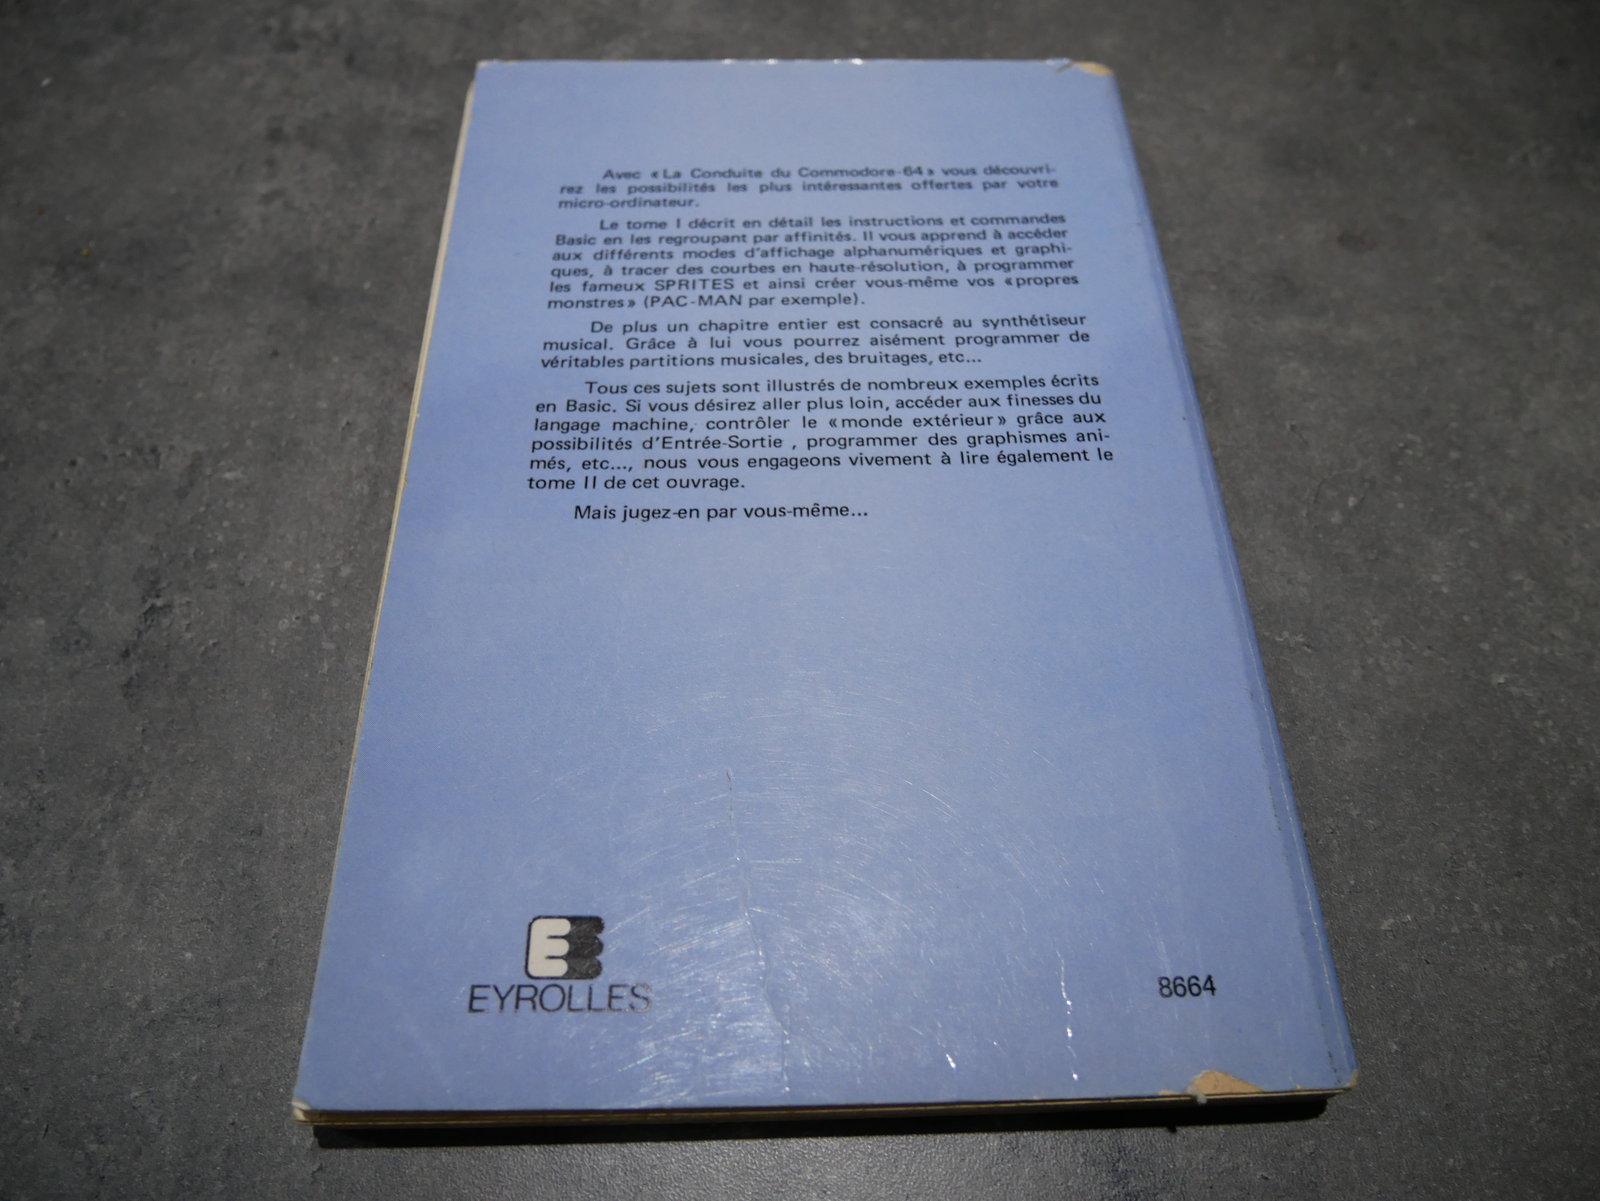 [VDS] C64/128 : divers accessoires (livre, logiciel, cartouches) 20051205545384087